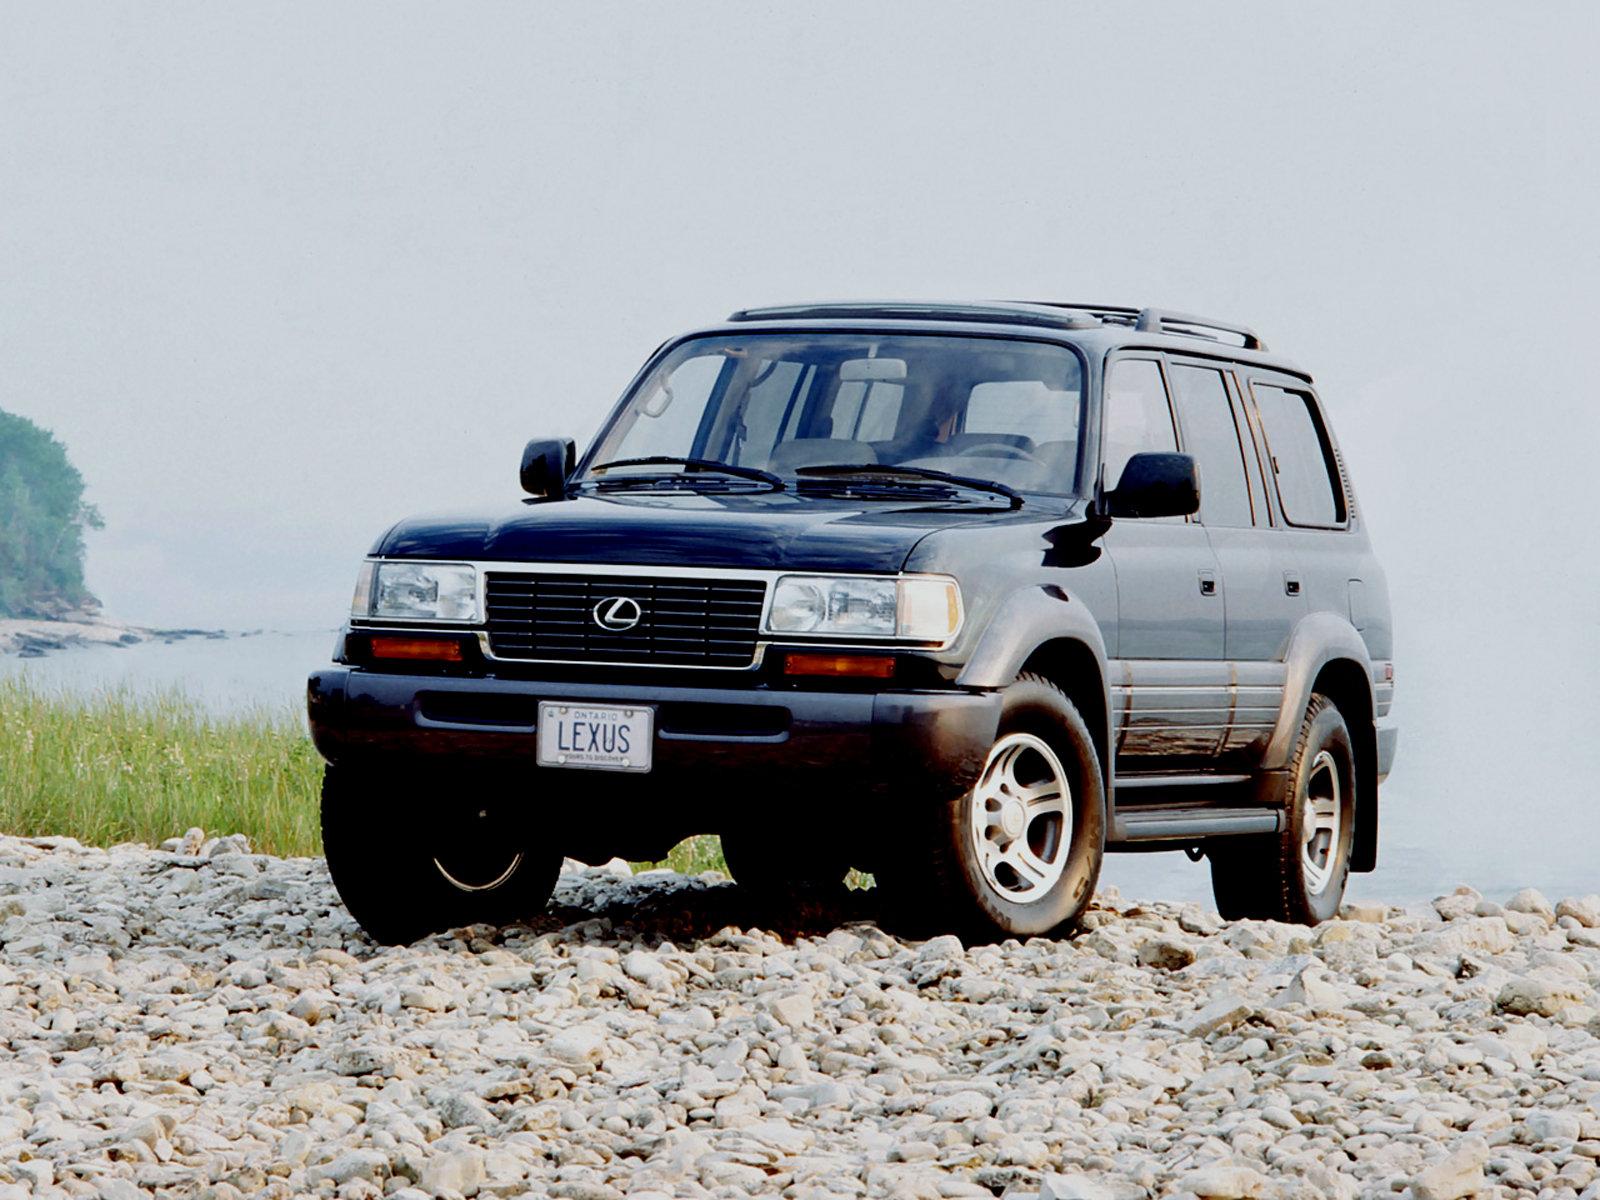 Lexus (Лексус) LX 450 (FZJ80) 1995-1998 г.